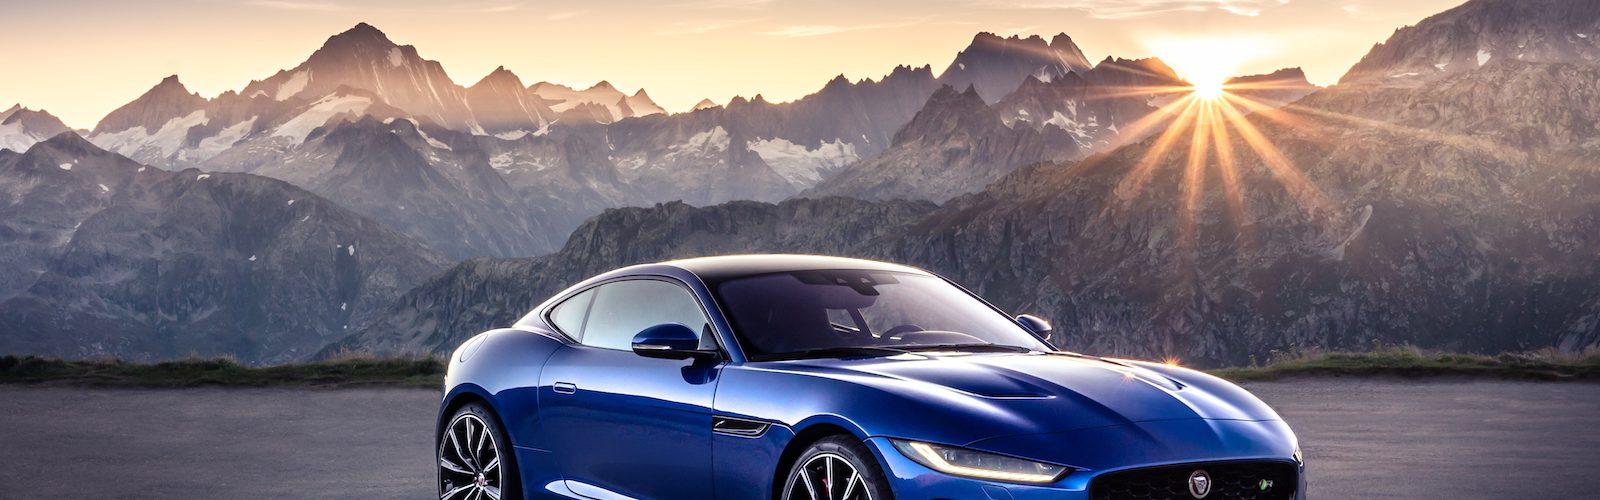 Jaguar F-TYPE 2020 Le nouvel automobiliste 15